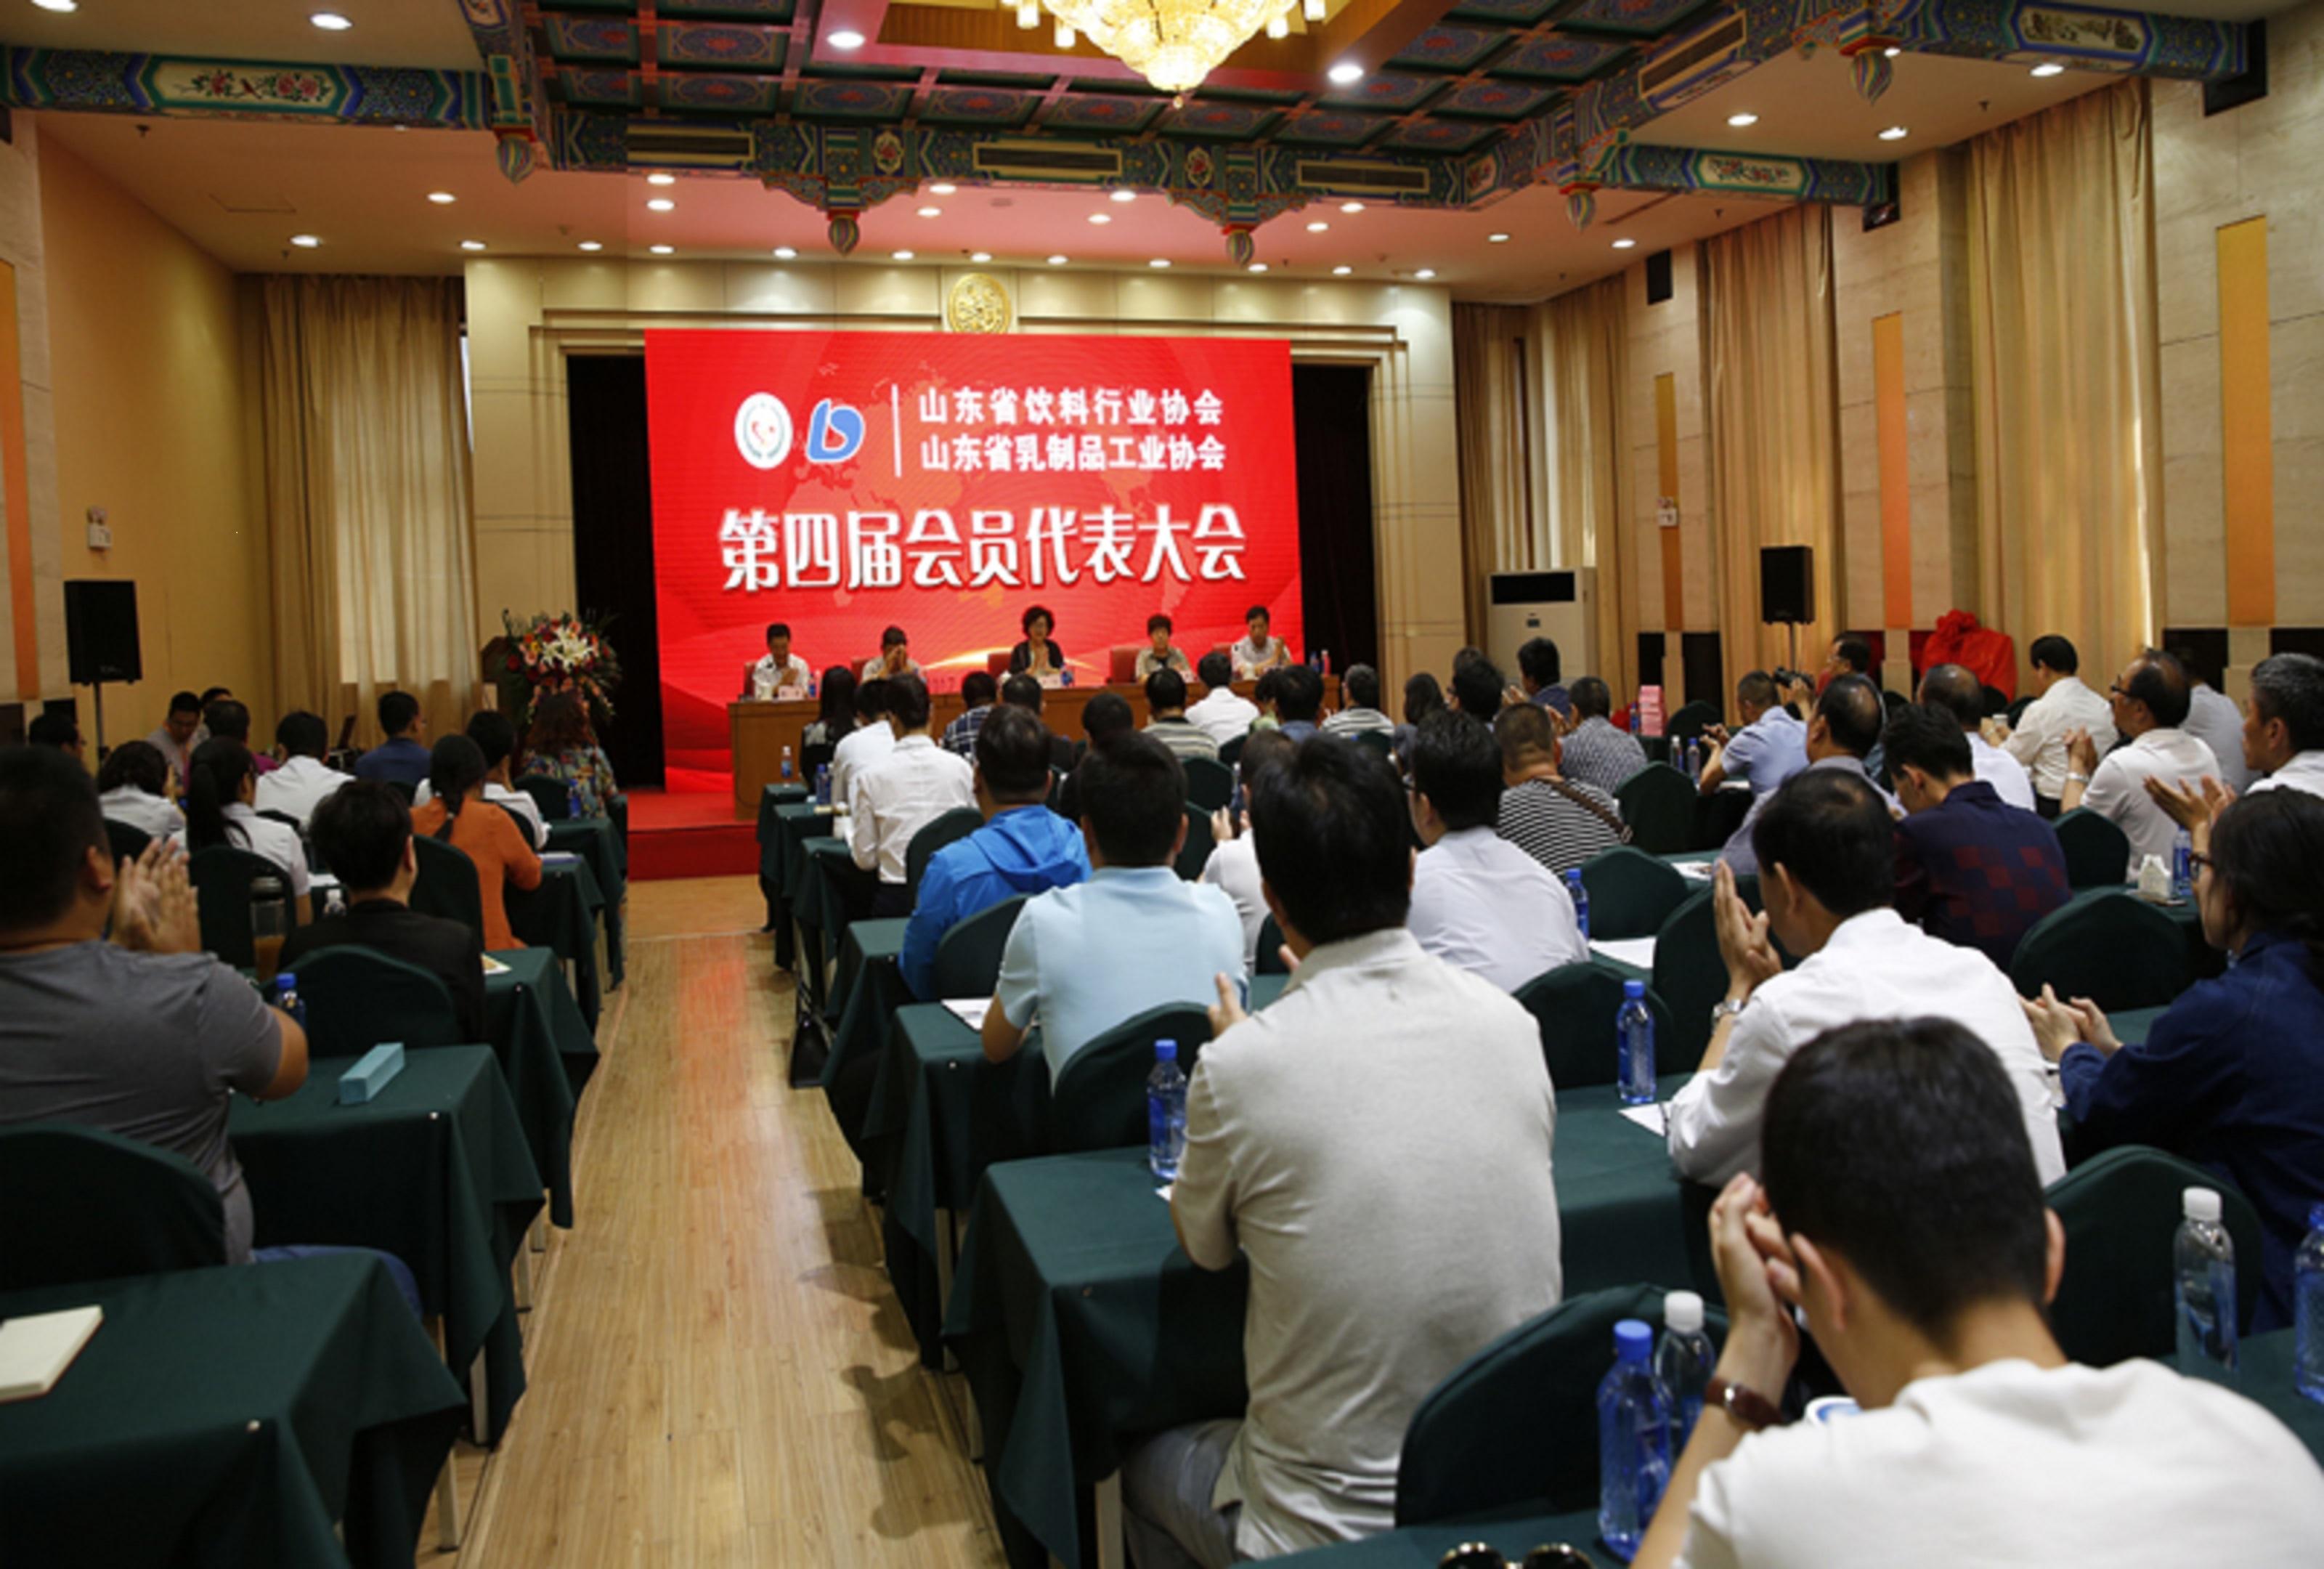 必威官方首页饮料行业协会、必威官方首页乳制品工业协会第四届会员代表大会在济南召开